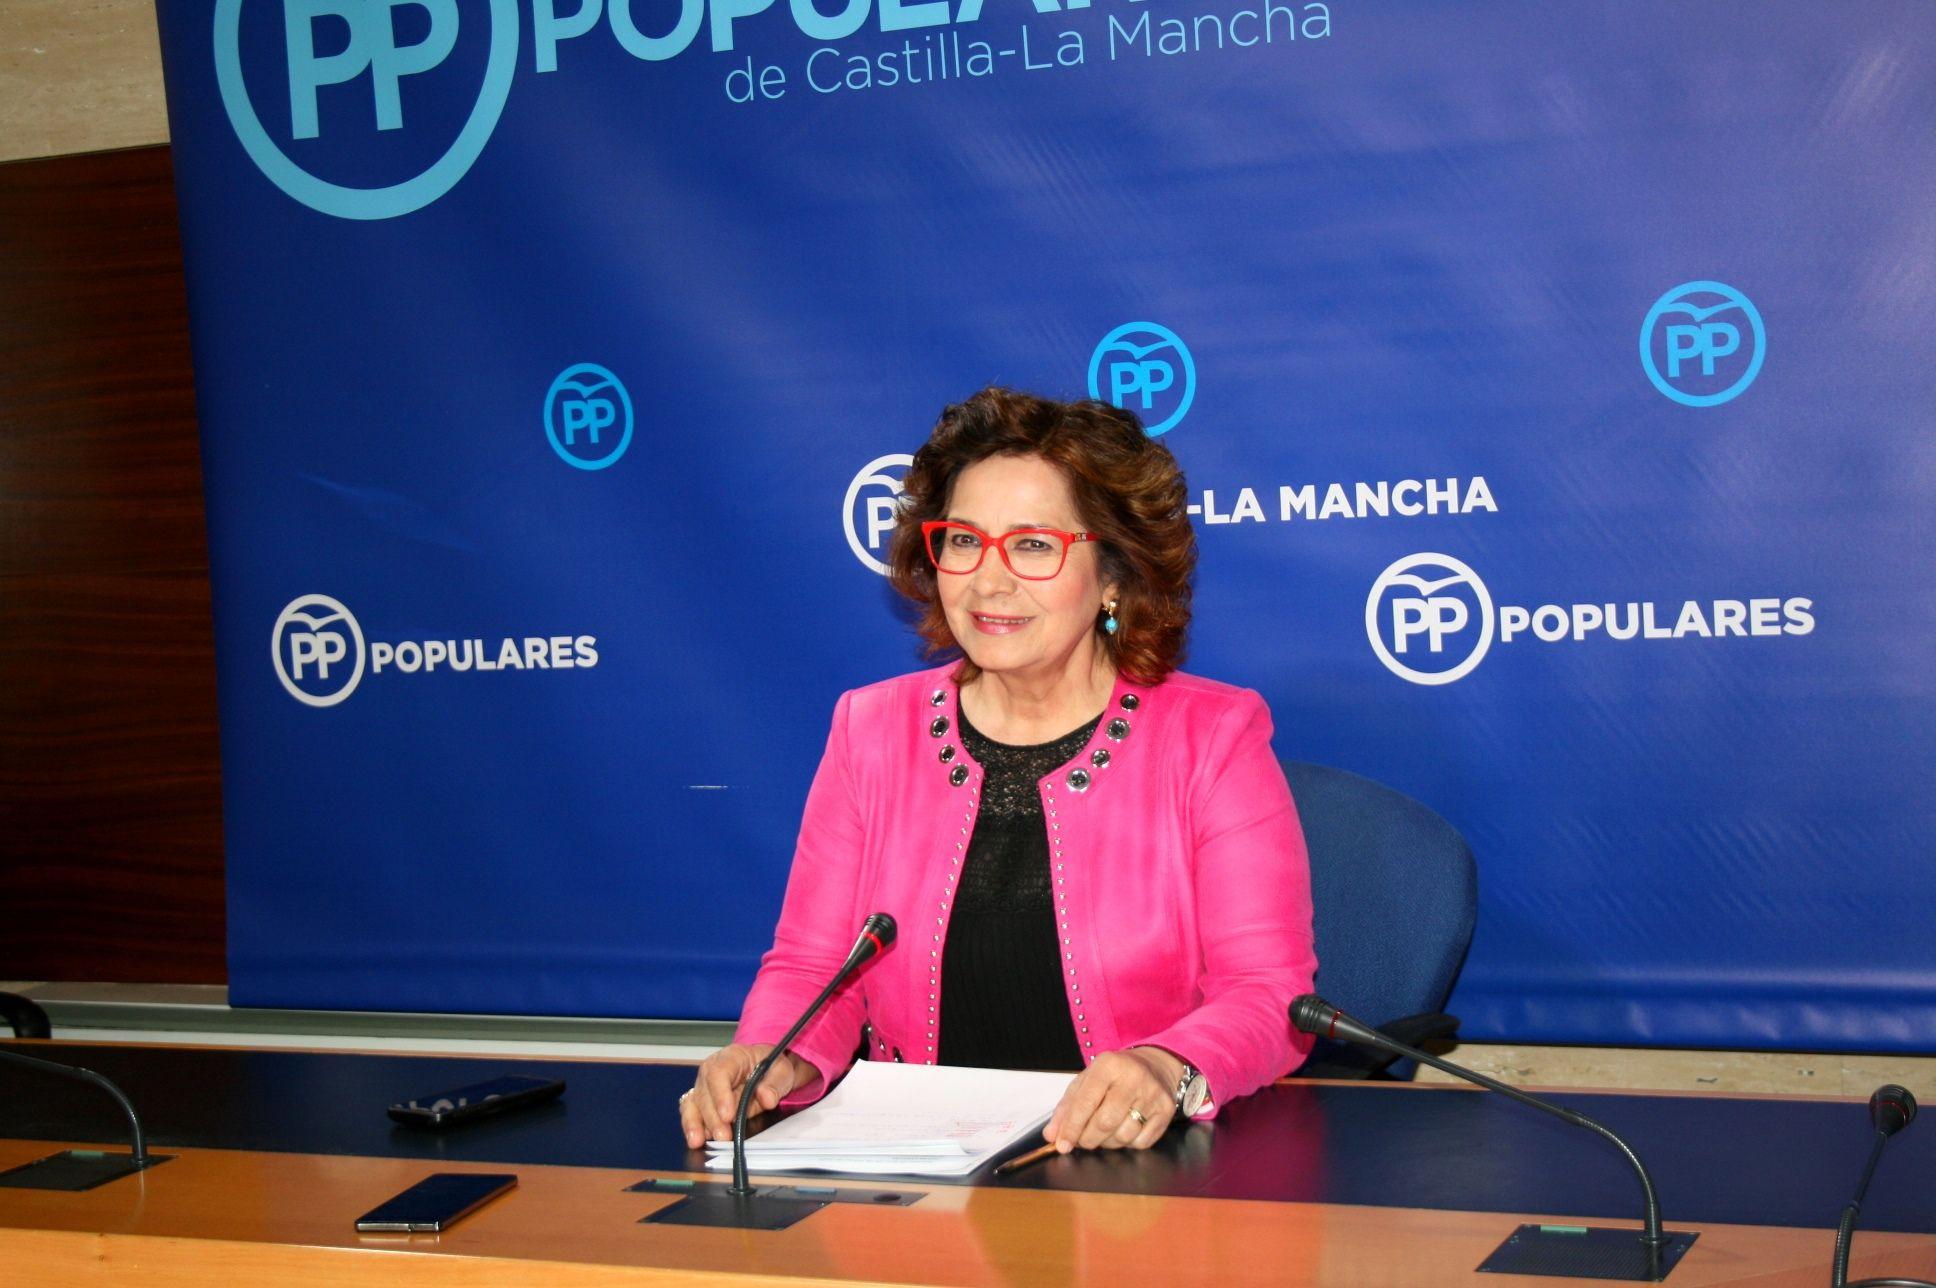 Los parlamentarios nacionales del Partido Popular reclamarán a Sánchez la  urgente construcción de un tercer carril en la A-5